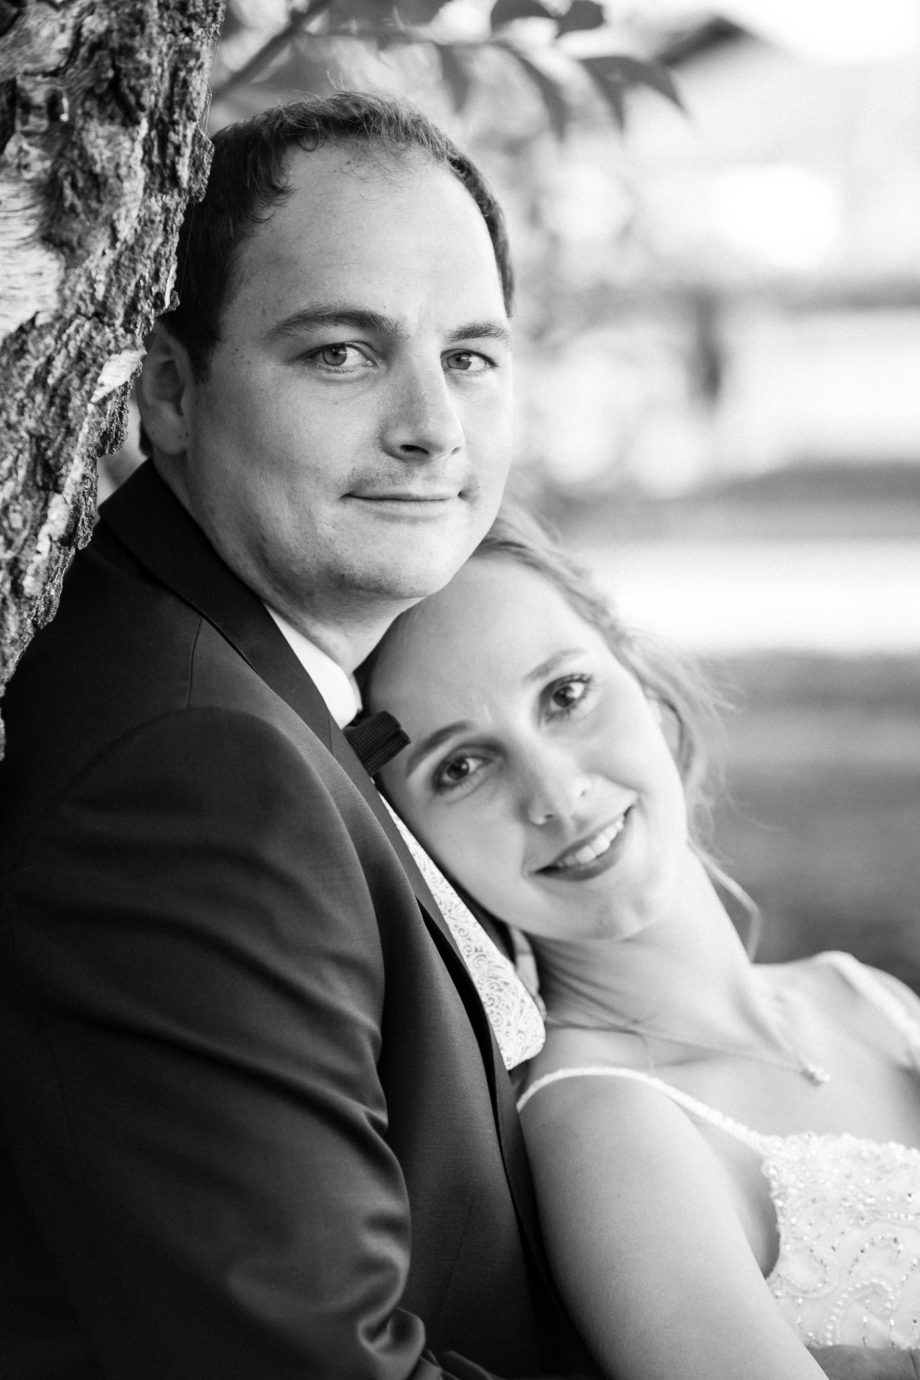 Hochzeit von Sabine und Martin